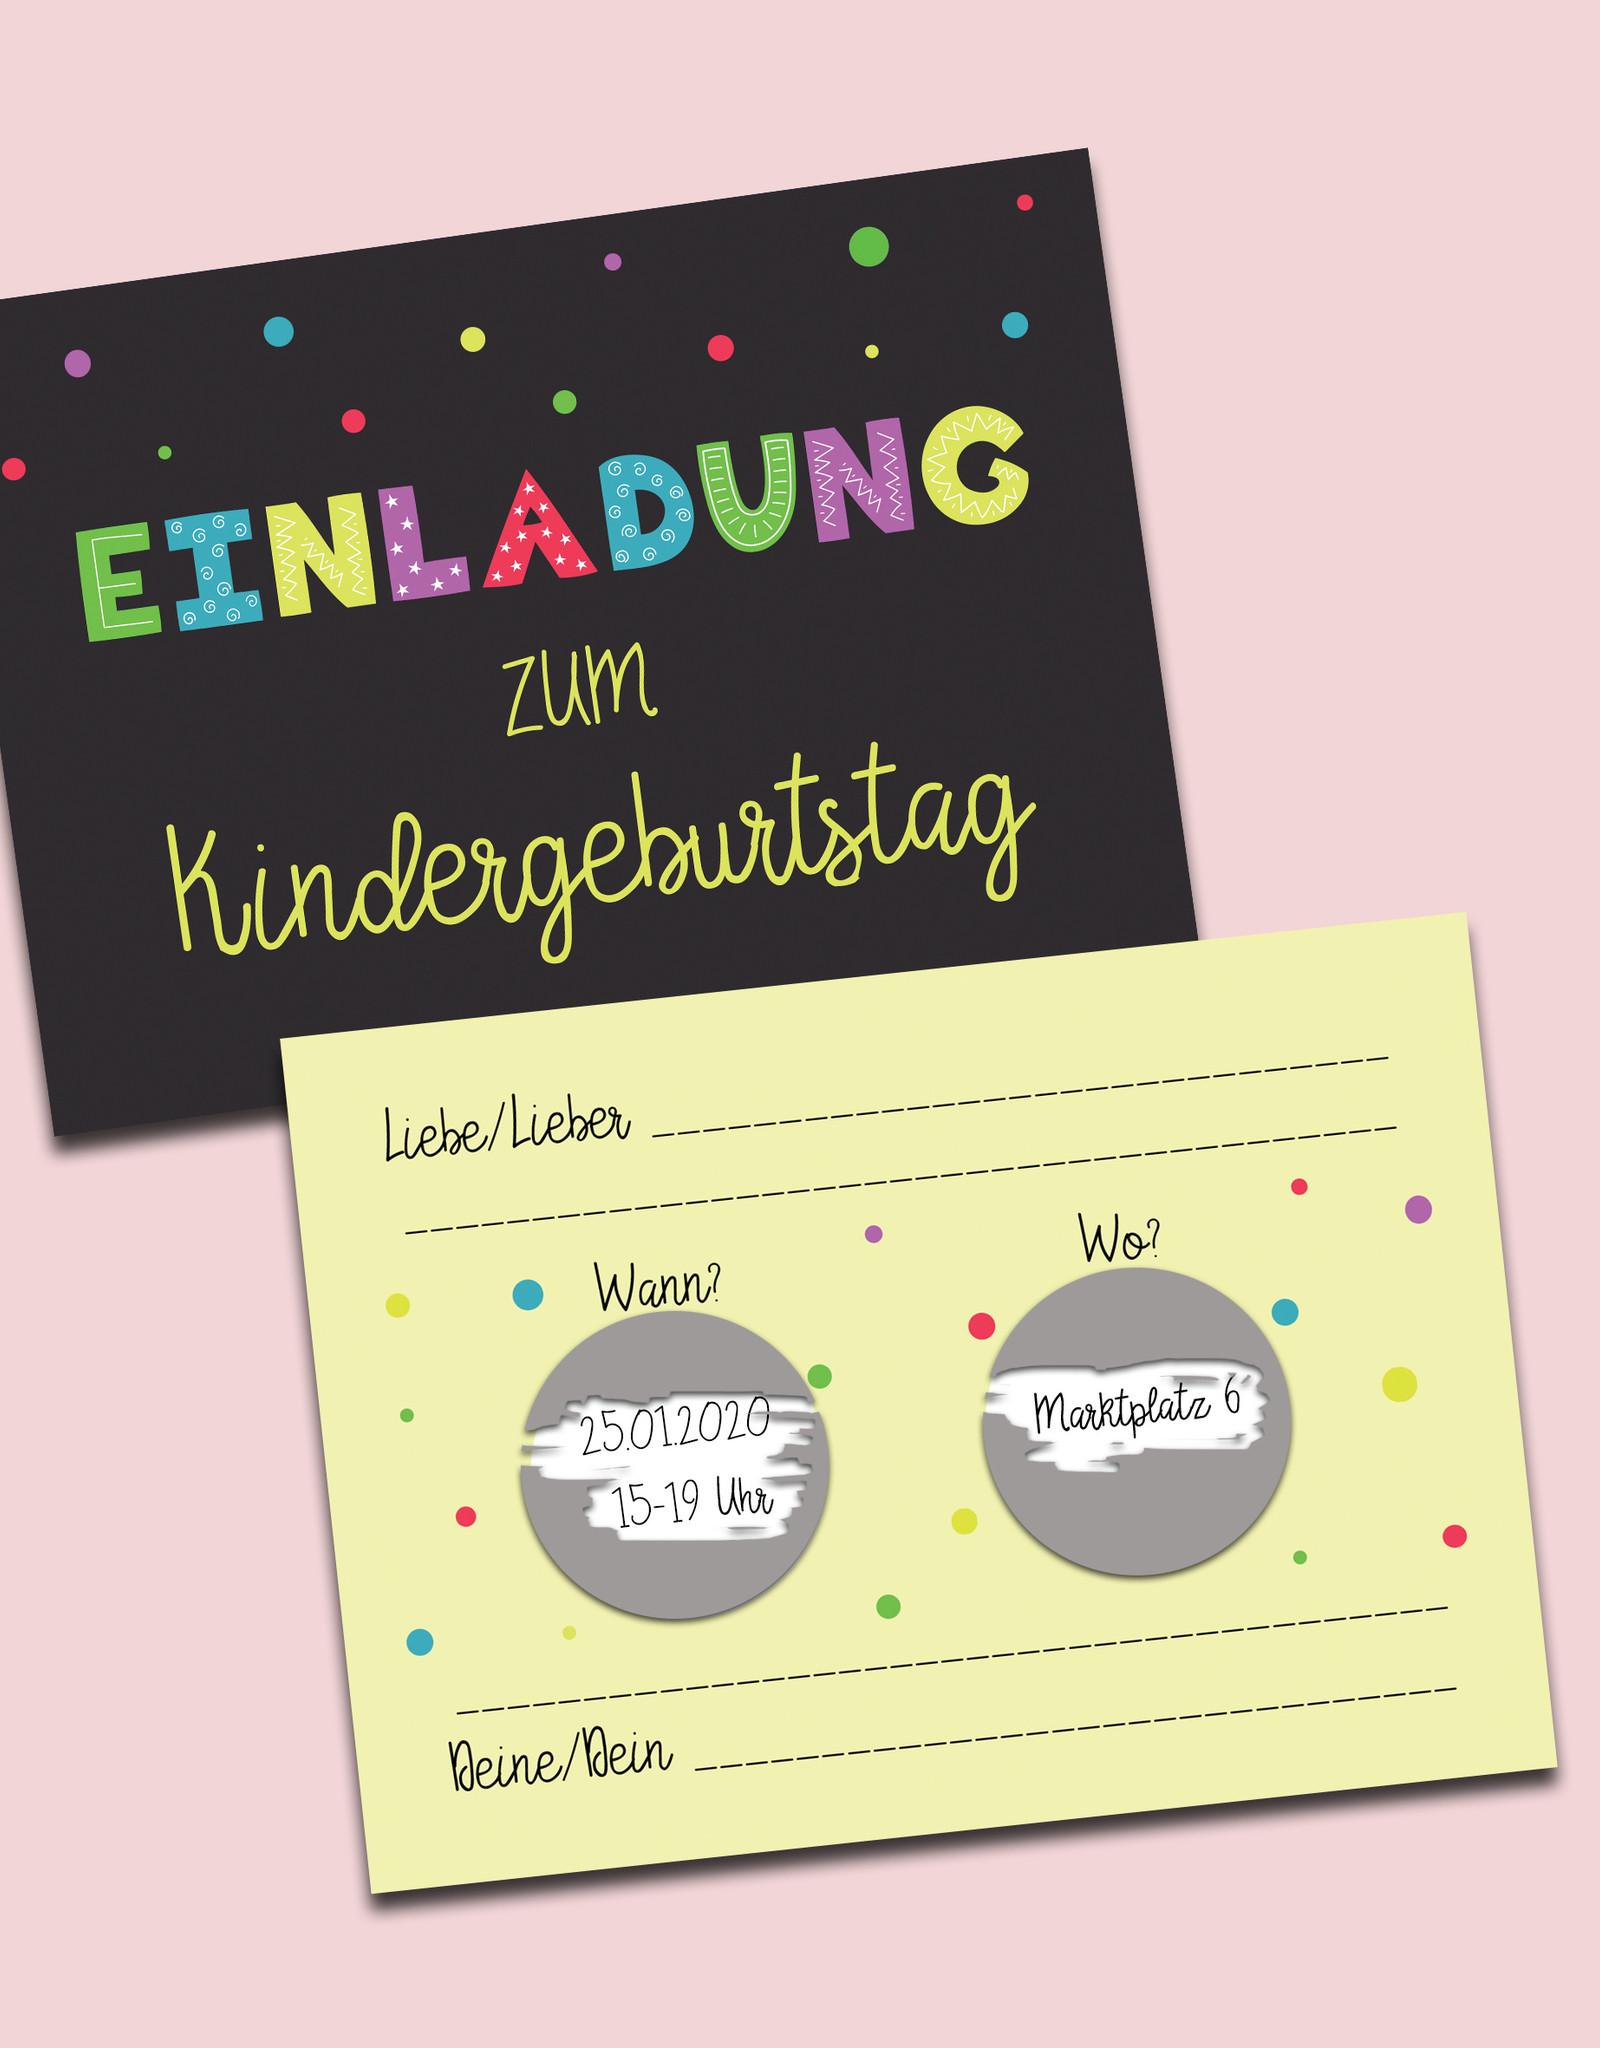 Einladungskarte Kindergeburtstag zum Rubbeln